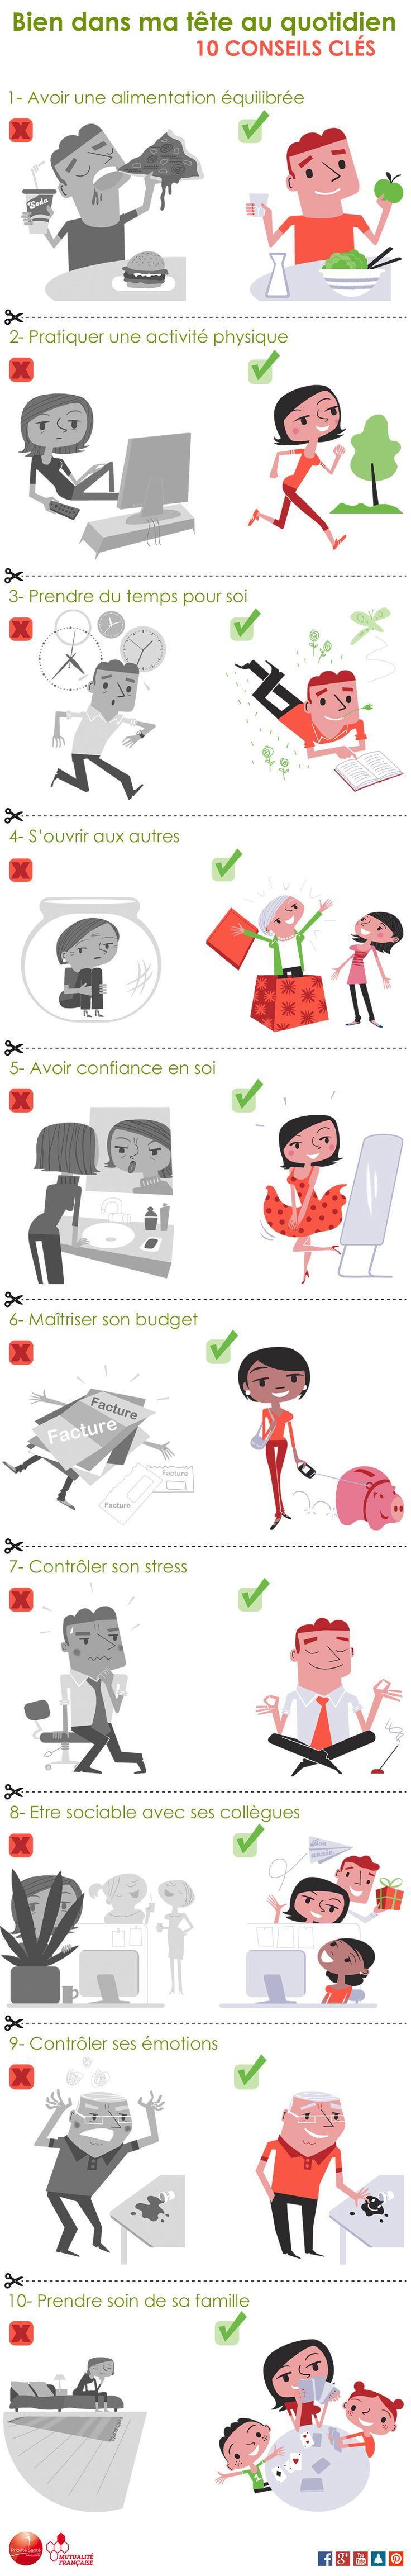 10 conseils pour être bien dans ma tête